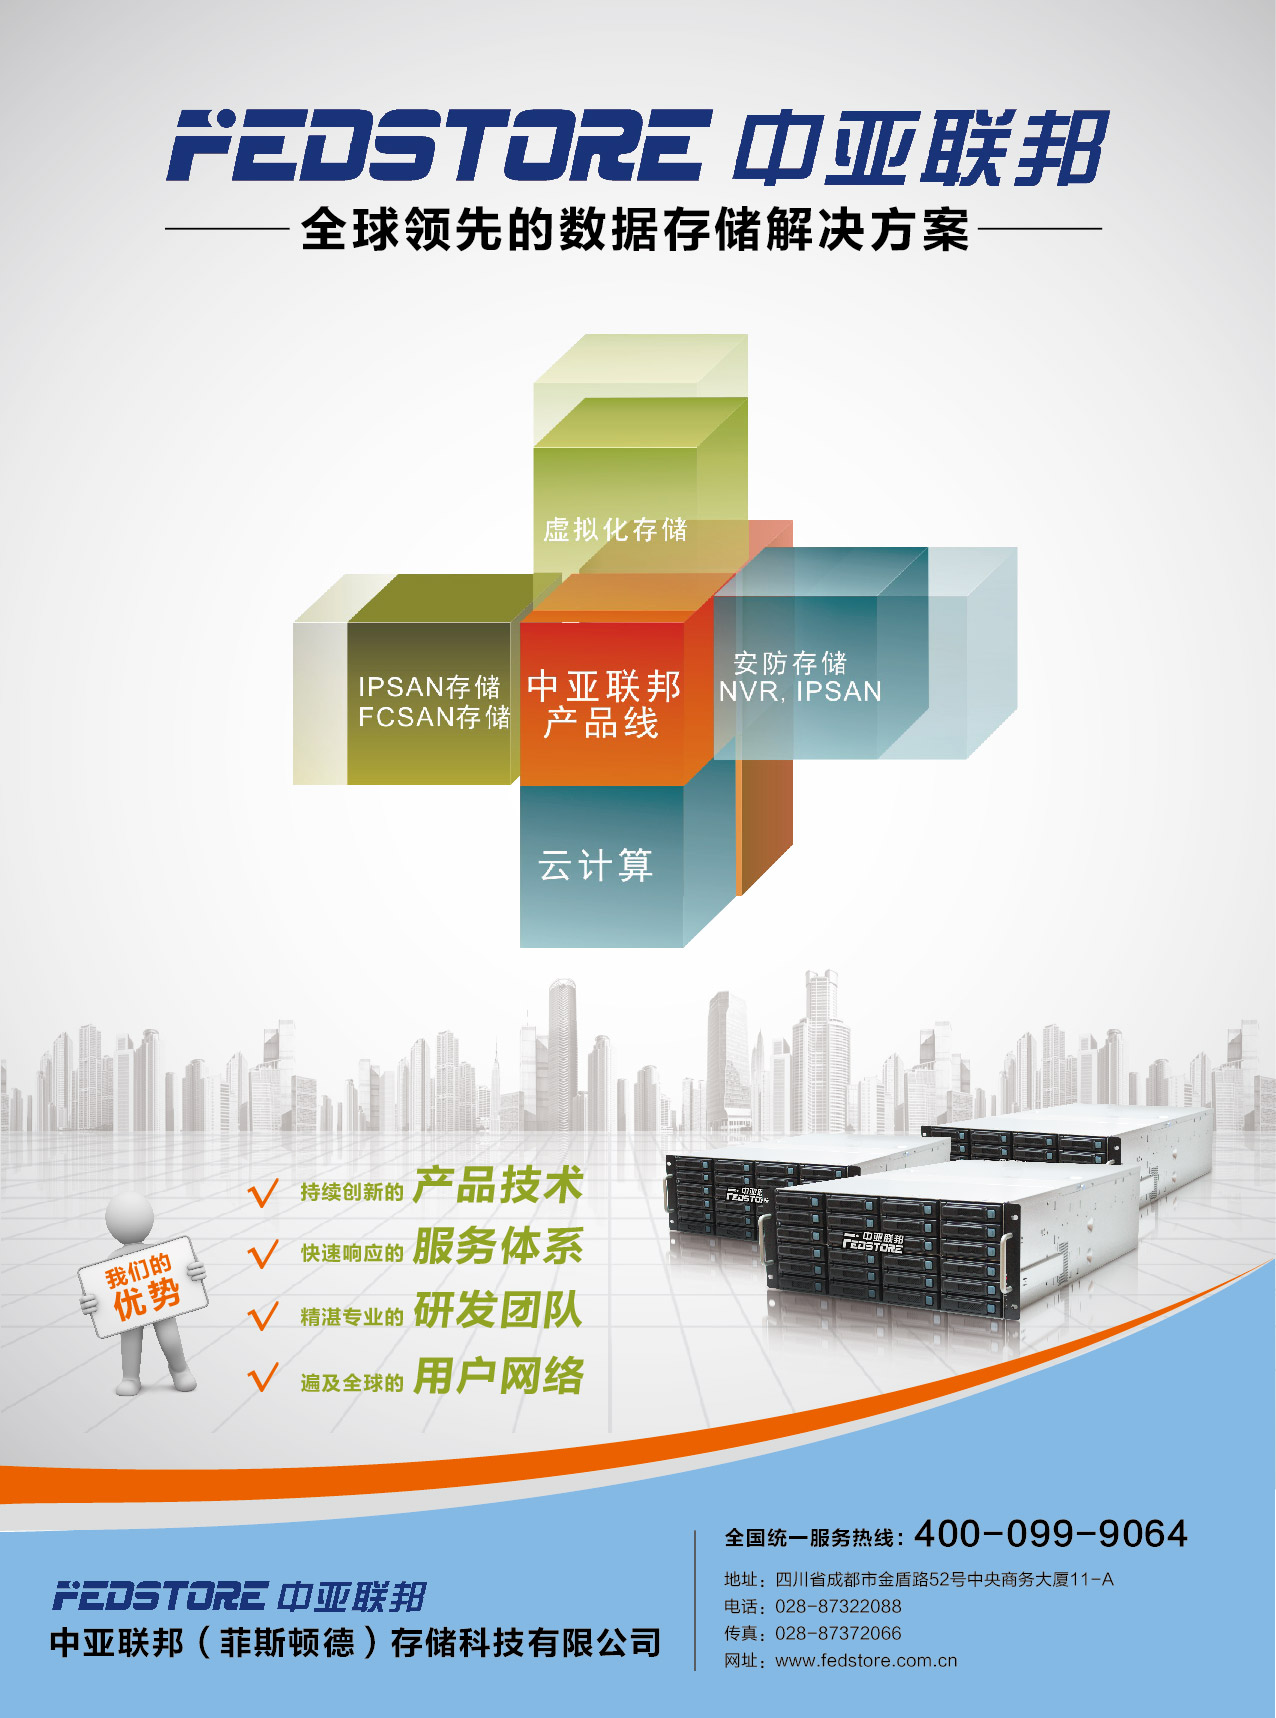 中亚联邦-磁盘阵列